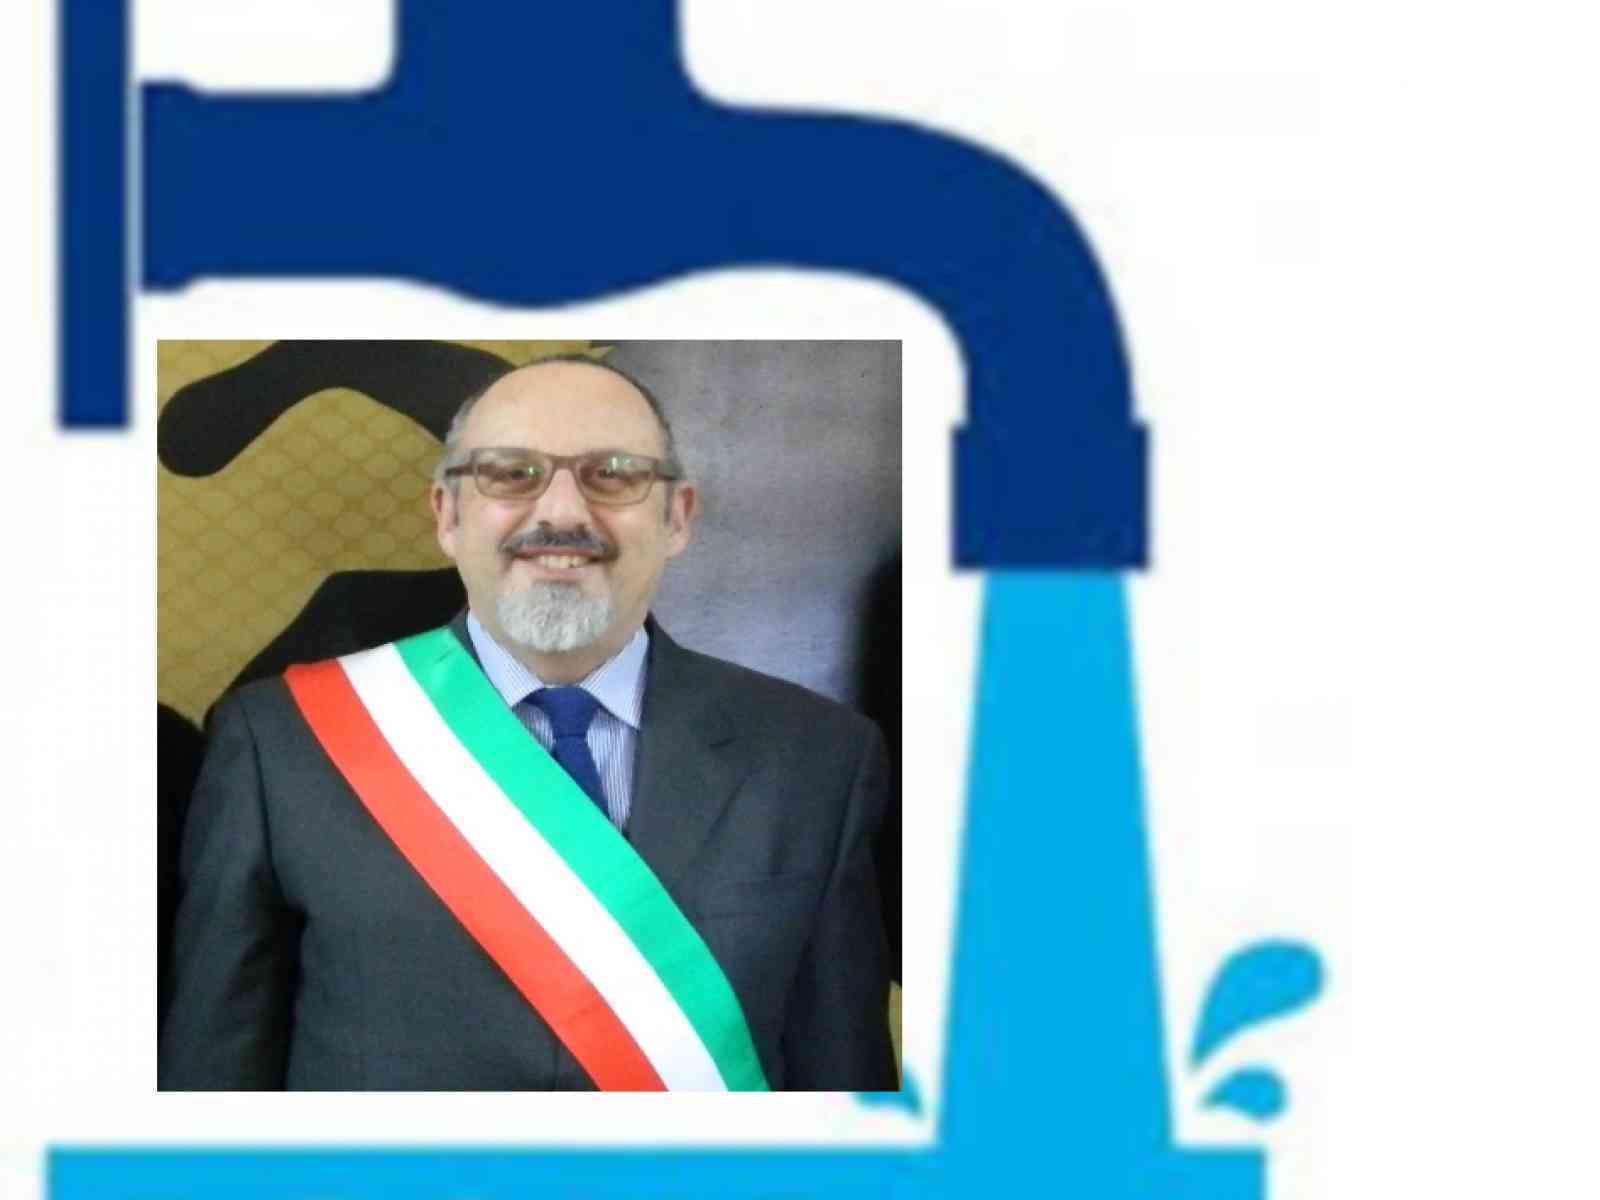 """""""NO ACQUA , NO VOTO!"""".  Per l'acqua pubblica, clamorosa iniziativa del Sindaco di Santa Margherita di Belice, Franco Valenti."""